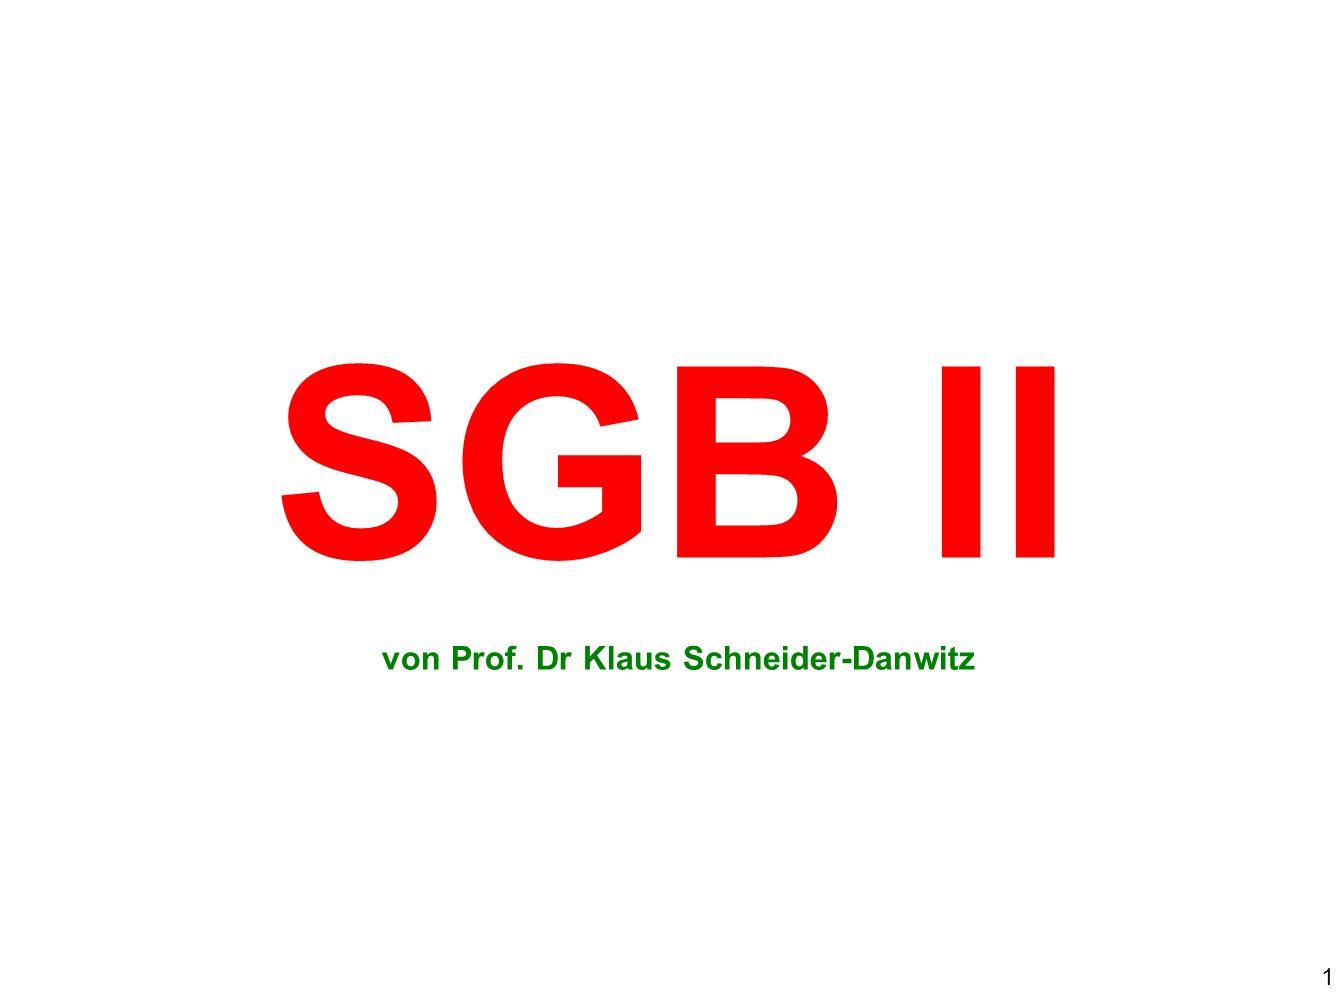 SGB II von Prof. Dr Klaus Schneider-Danwitz